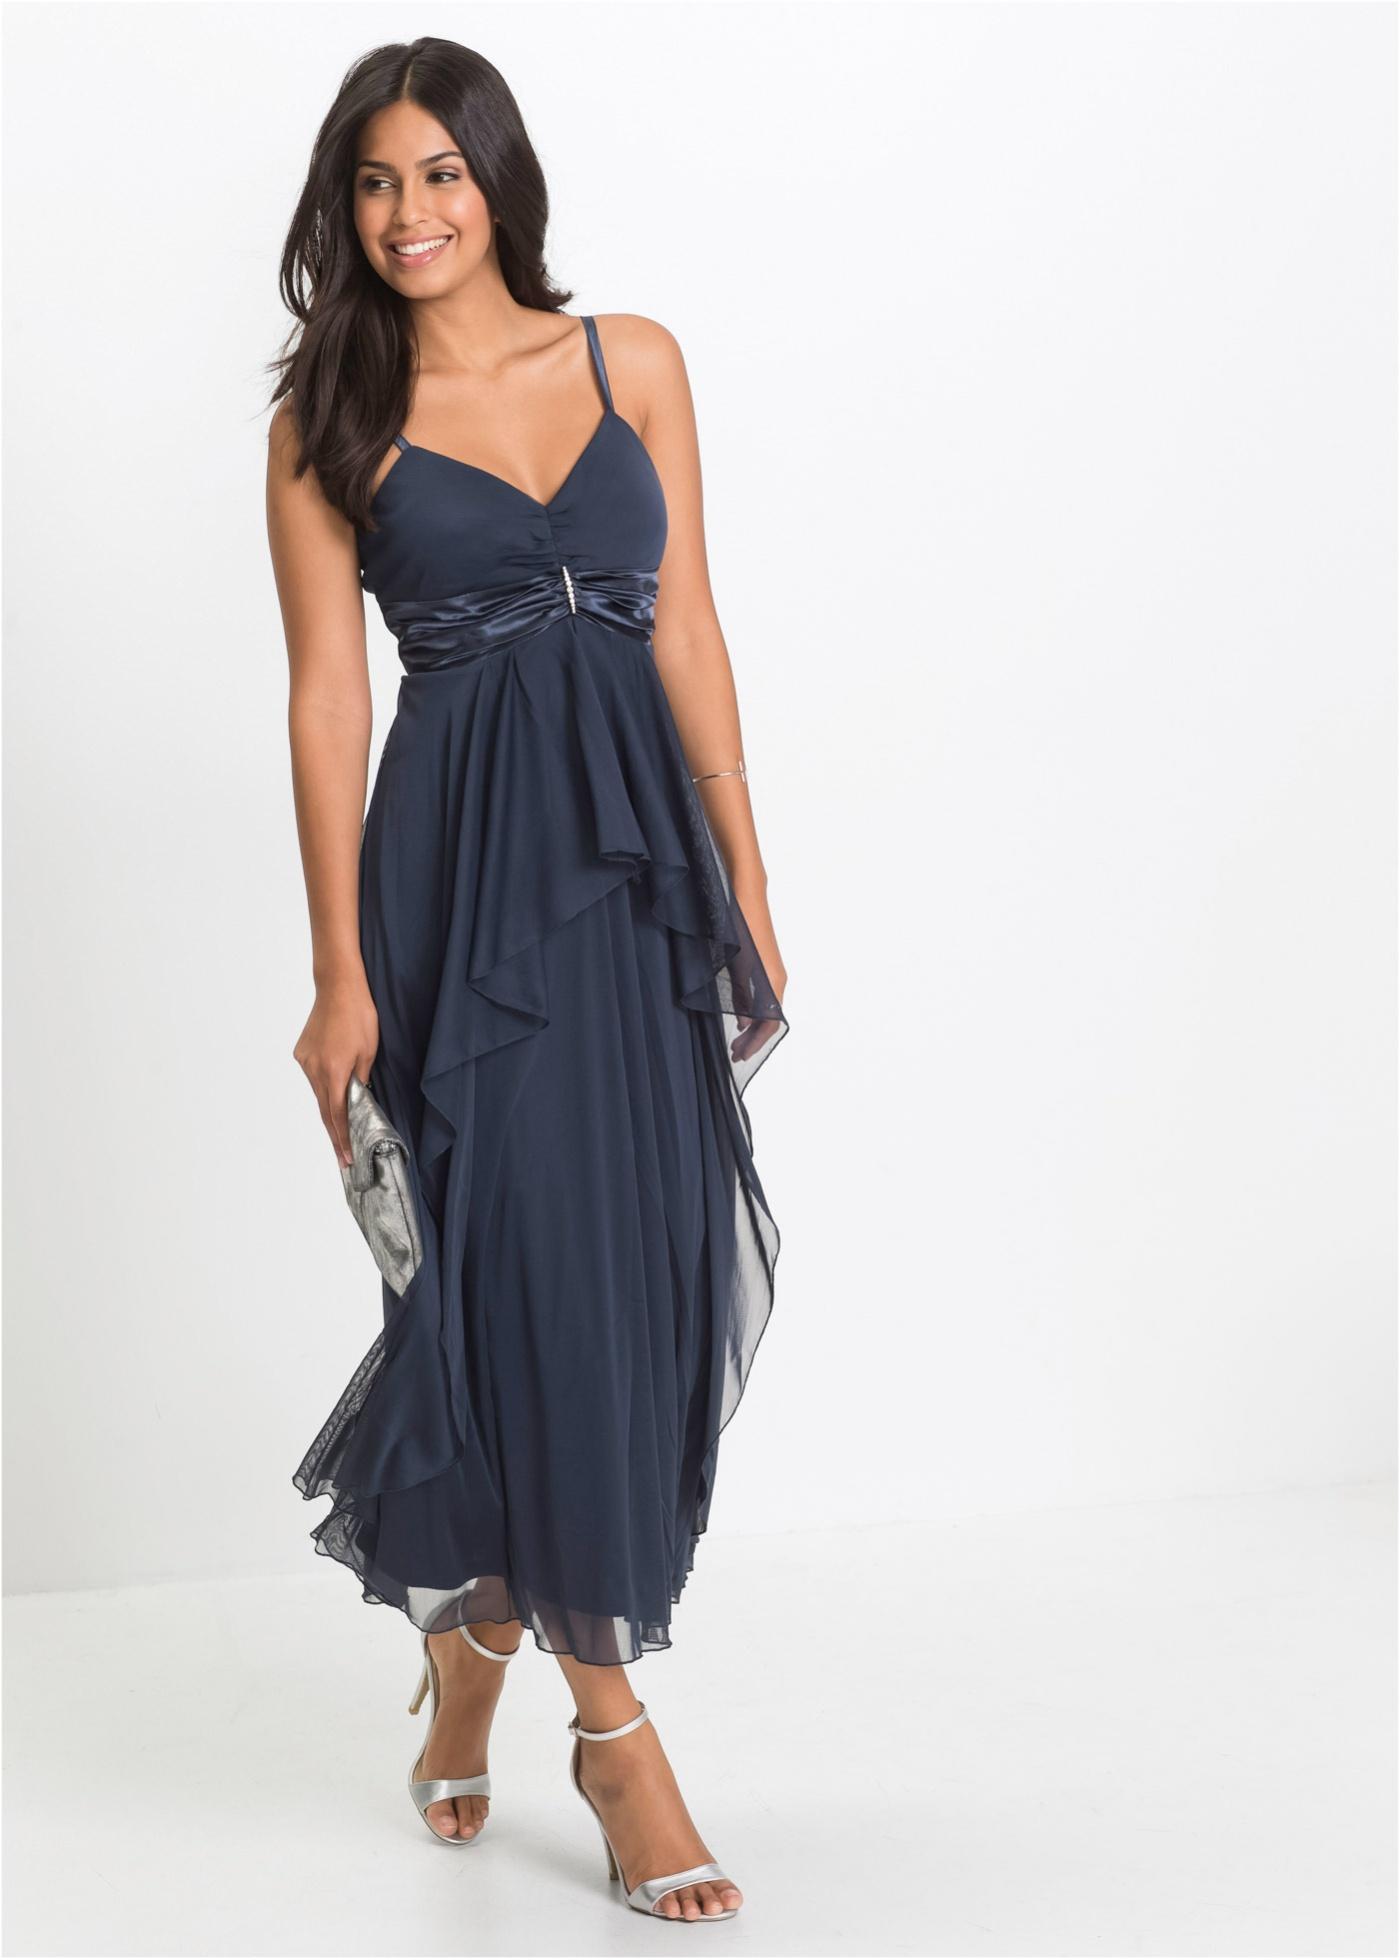 Några exempel på klänningar med